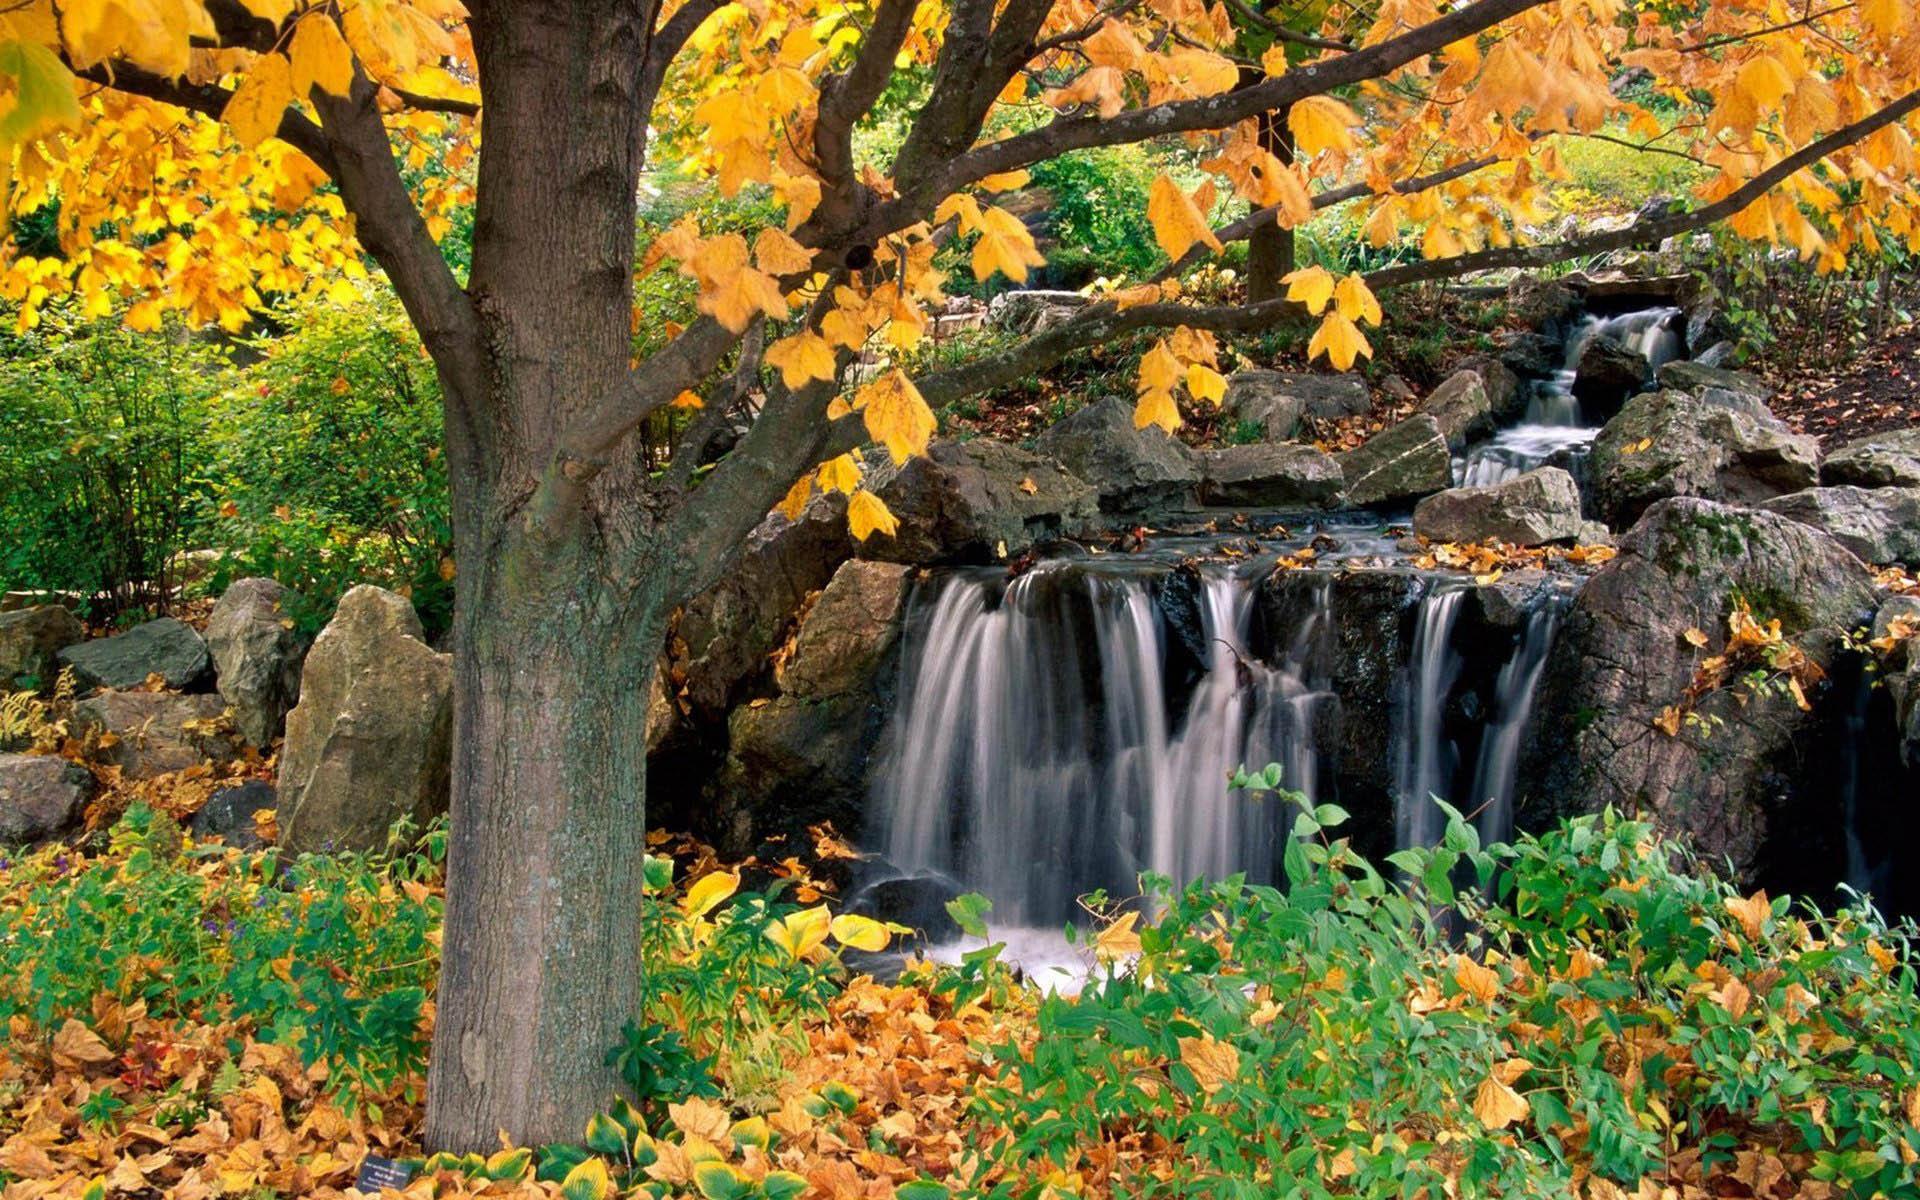 Картинка водопад в лесу - Картинки Осень - Бесплатные ...